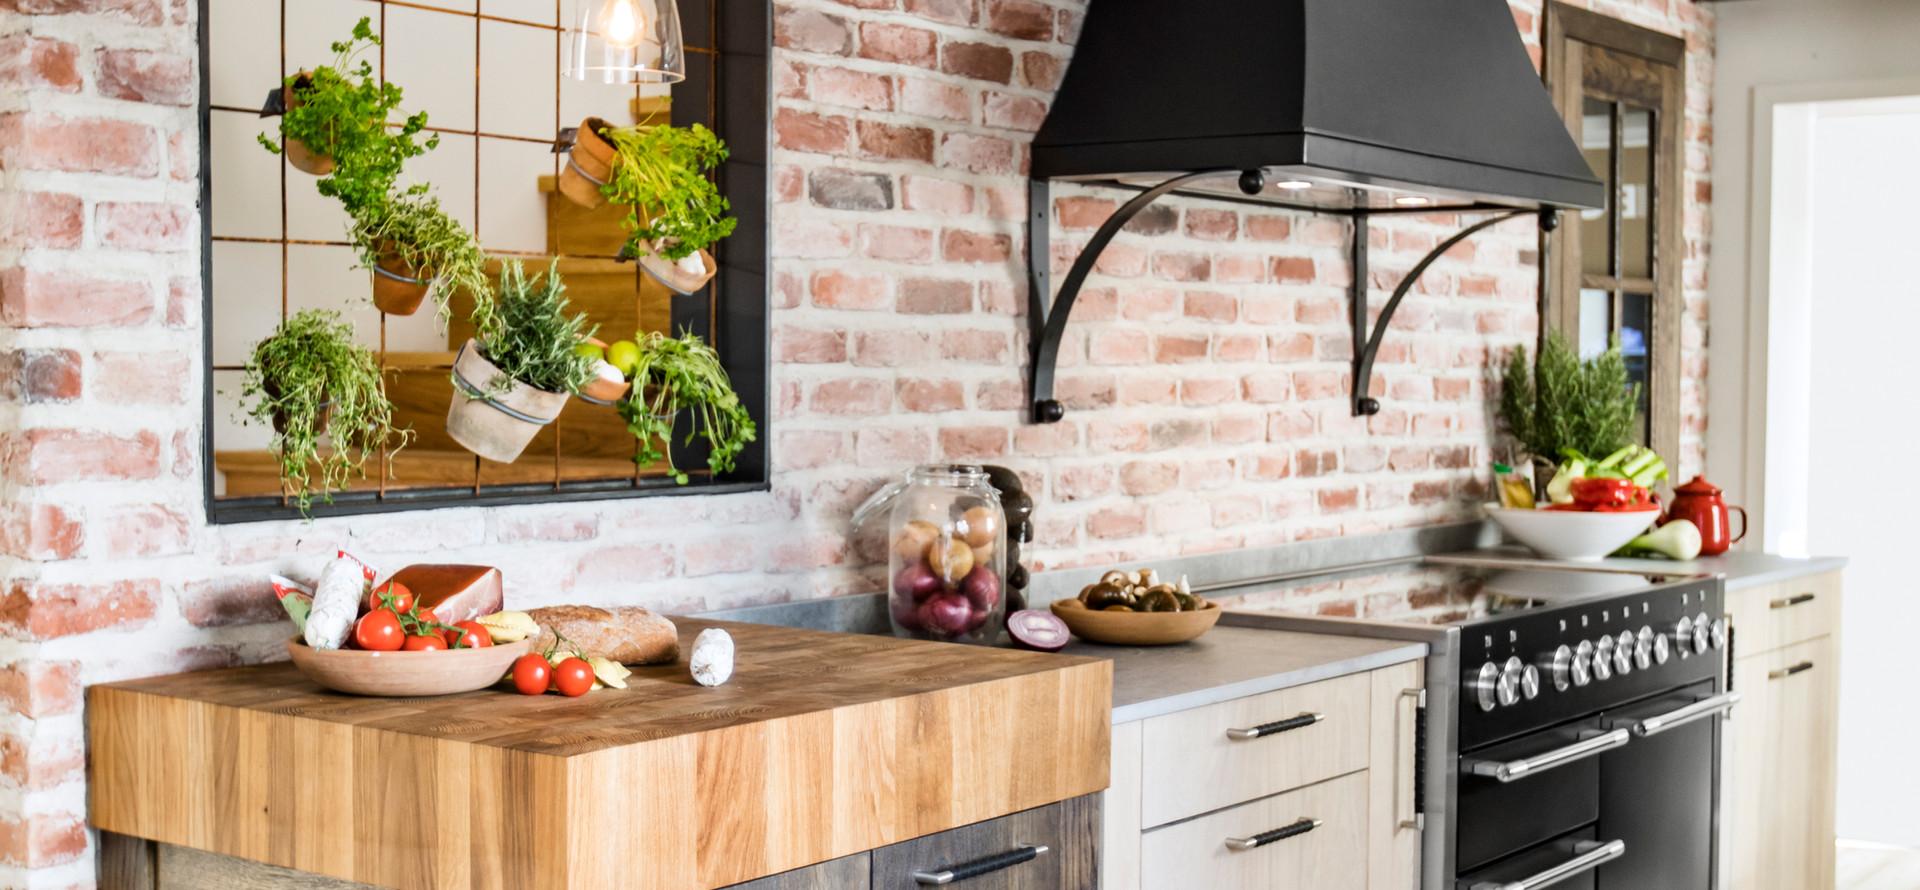 Slite vinterek - Ett rustikt kök för kreativ matlagning